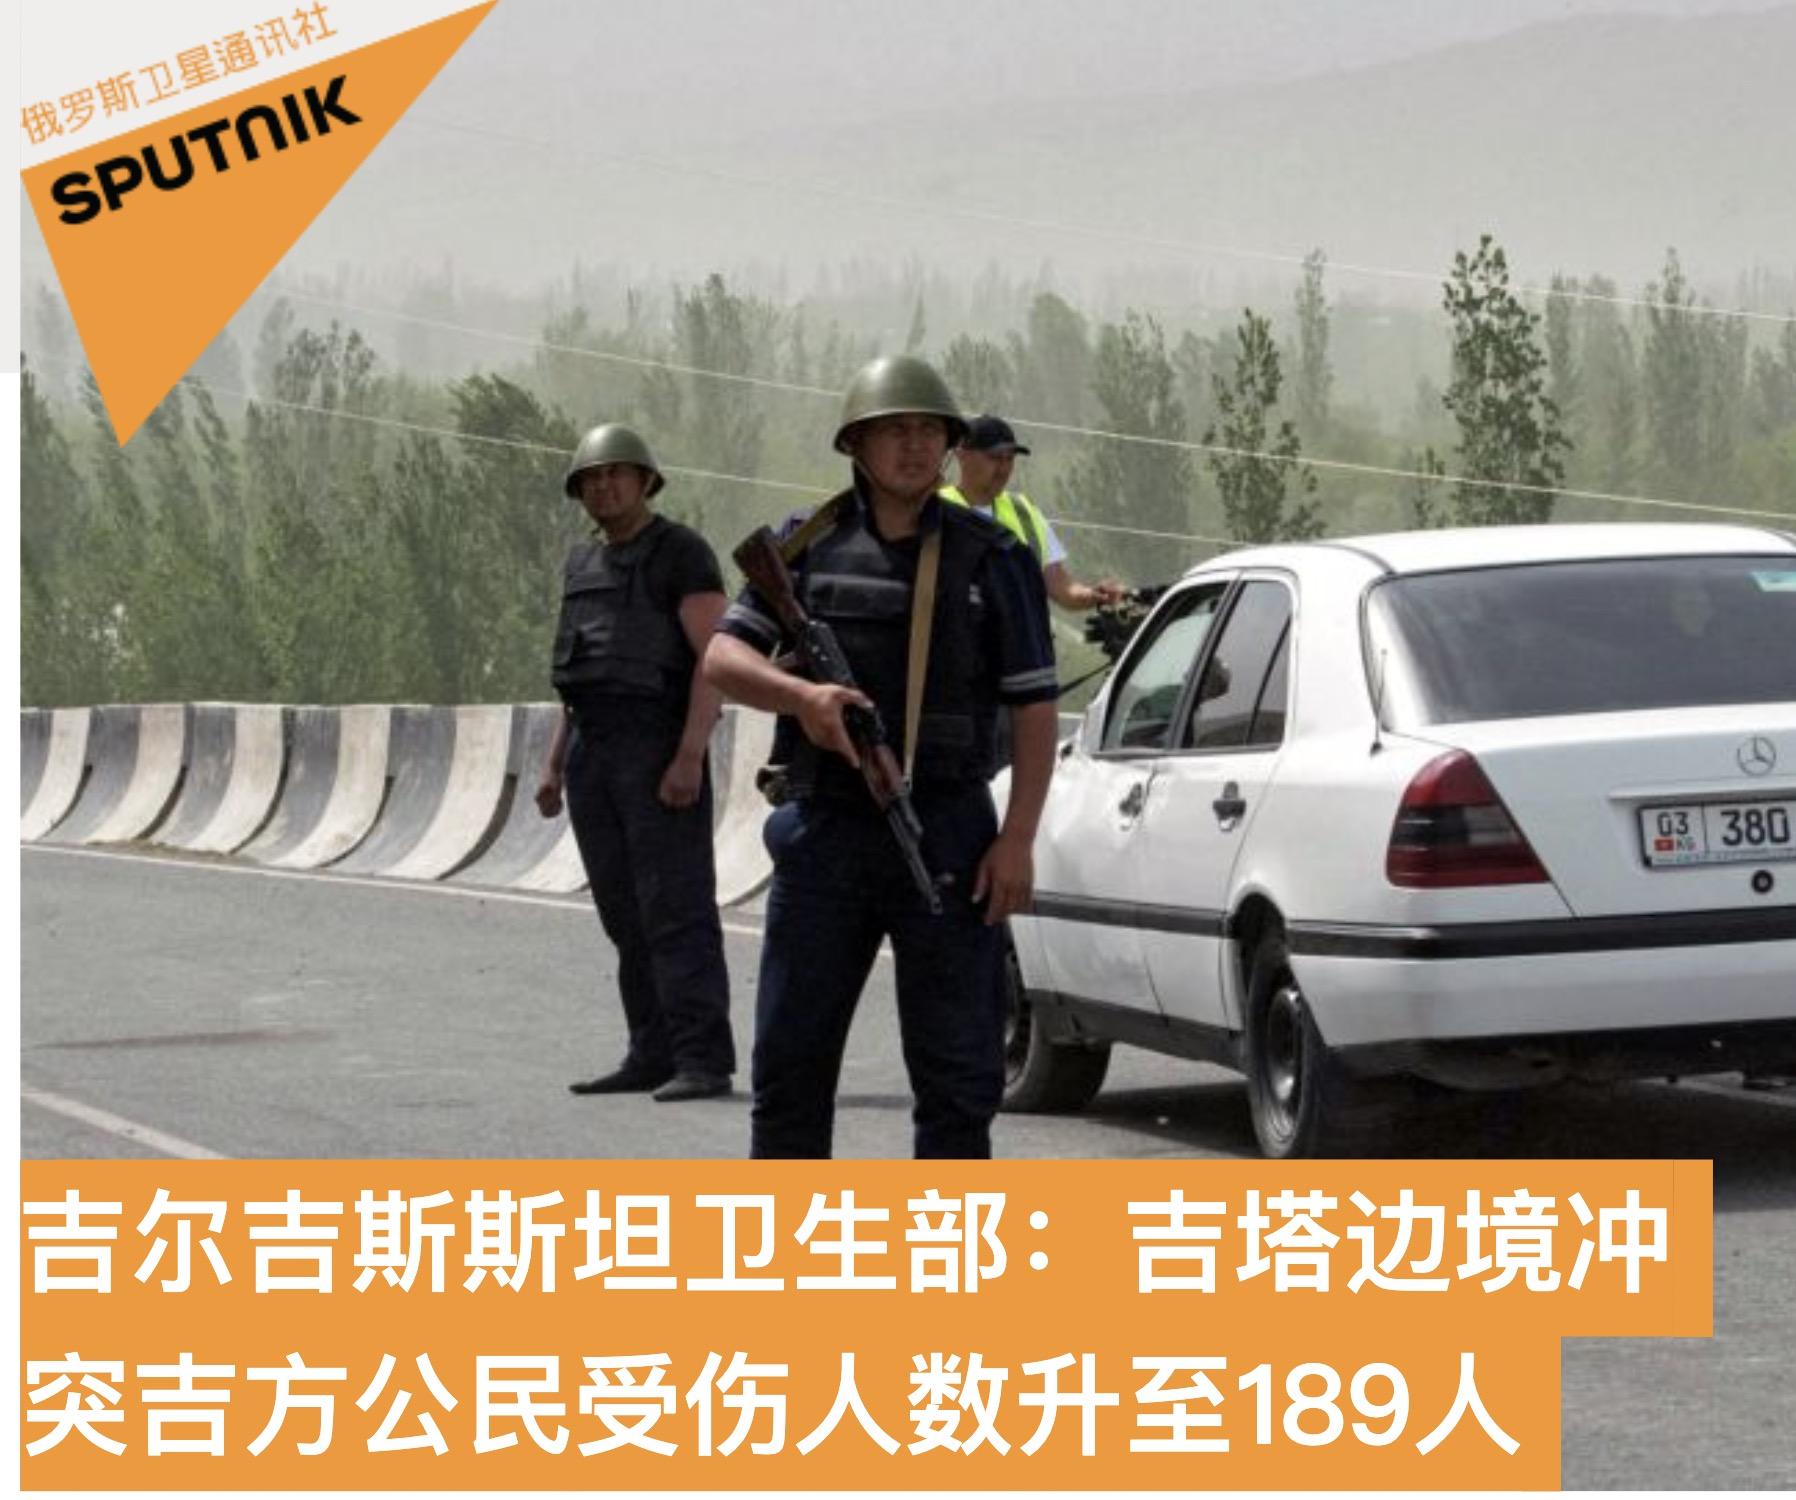 北方民族大学图书馆_克拉玛依招聘_中国铁路时刻网